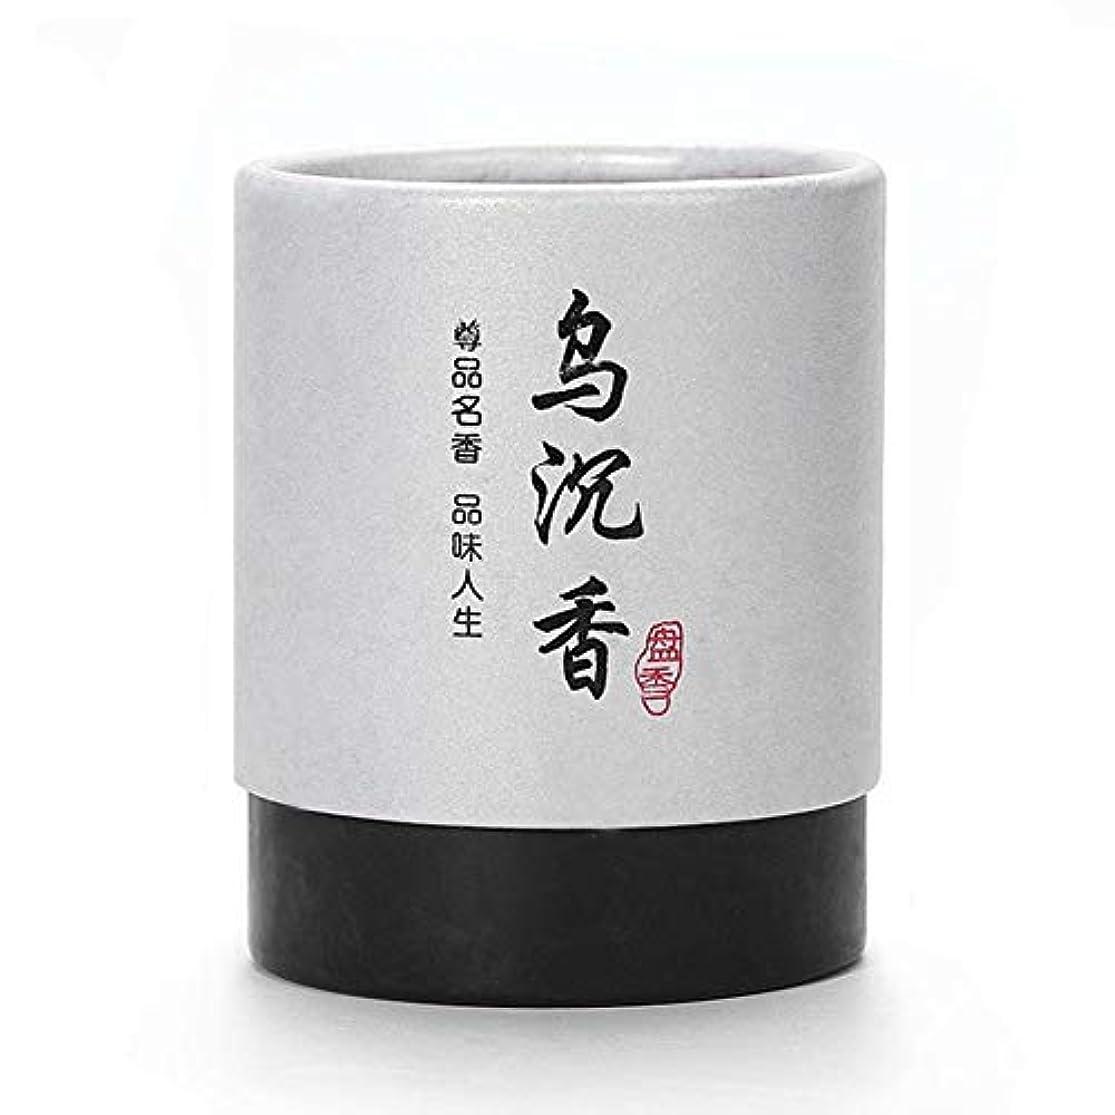 資金海里治世HwaGui お香 2時間 ビャクダン 盤香 渦巻き線香 優しい香り 48巻入 沉香 (乌沈香)